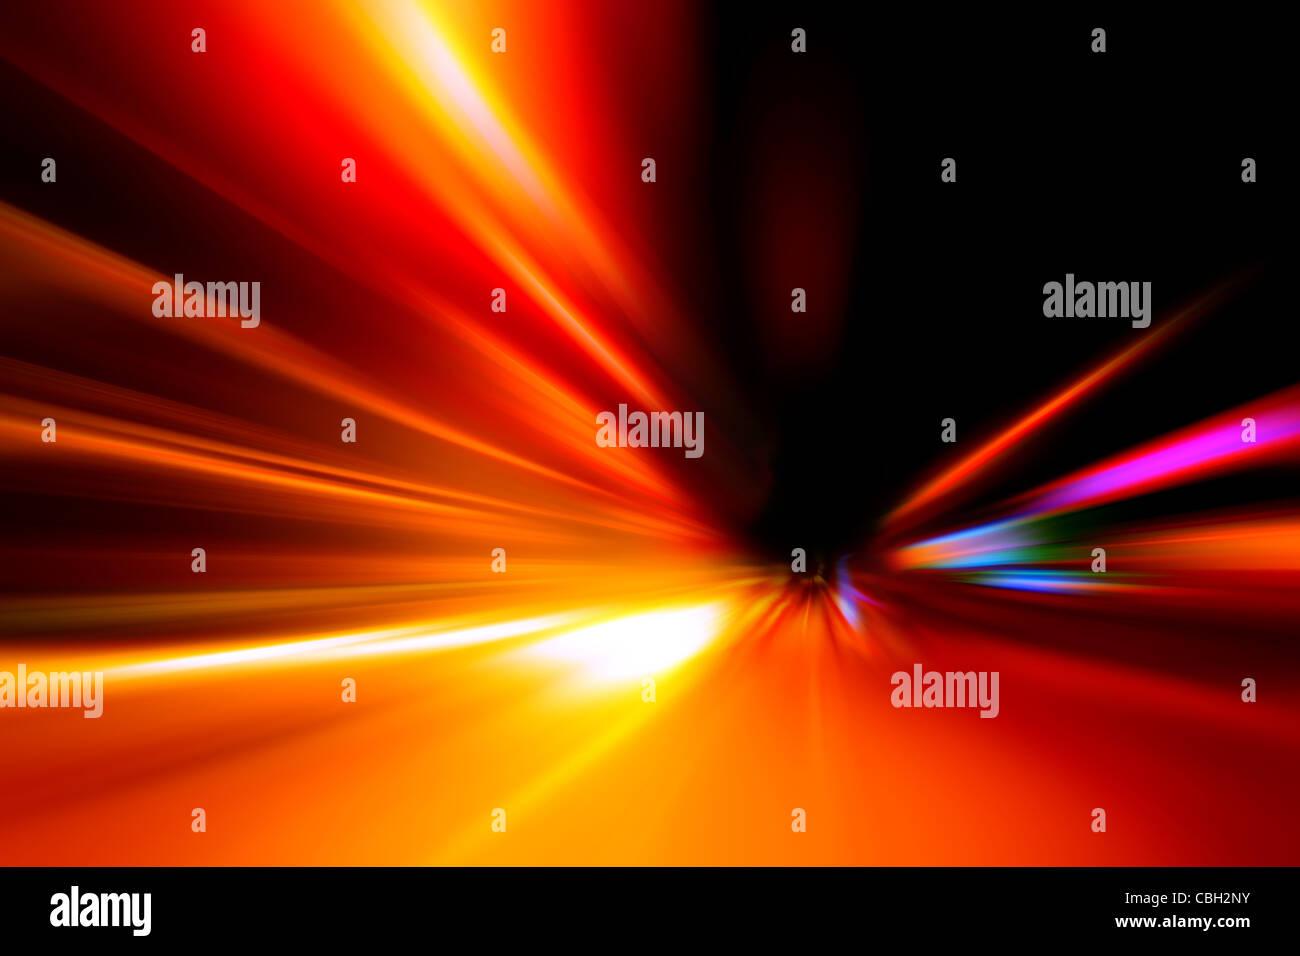 Beschleunigung Geschwindigkeit Bewegung Nacht unterwegs Stockbild